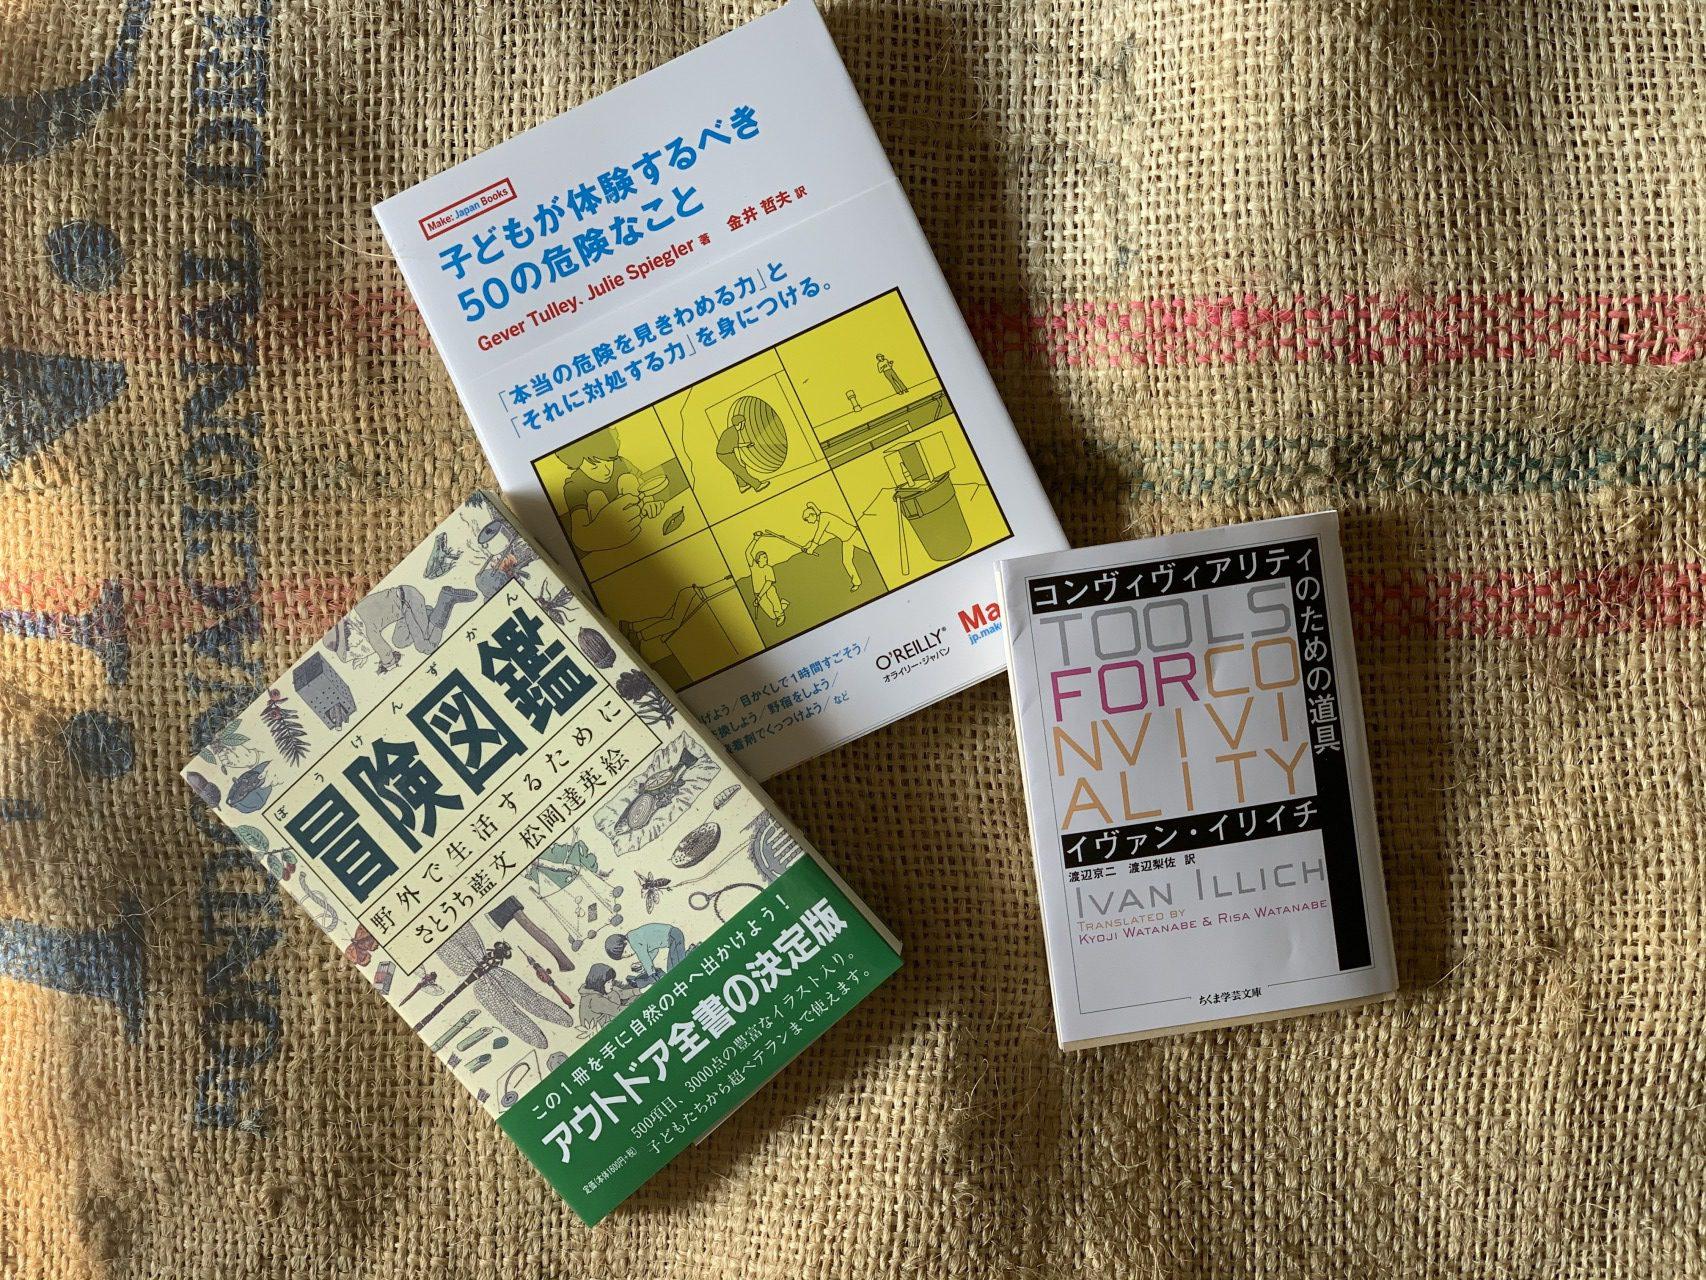 ルールや枠組みを疑い、突破する。今こそ必要な「冒険力」がつく本3冊【Fasuオープンスクール課題図書案内】